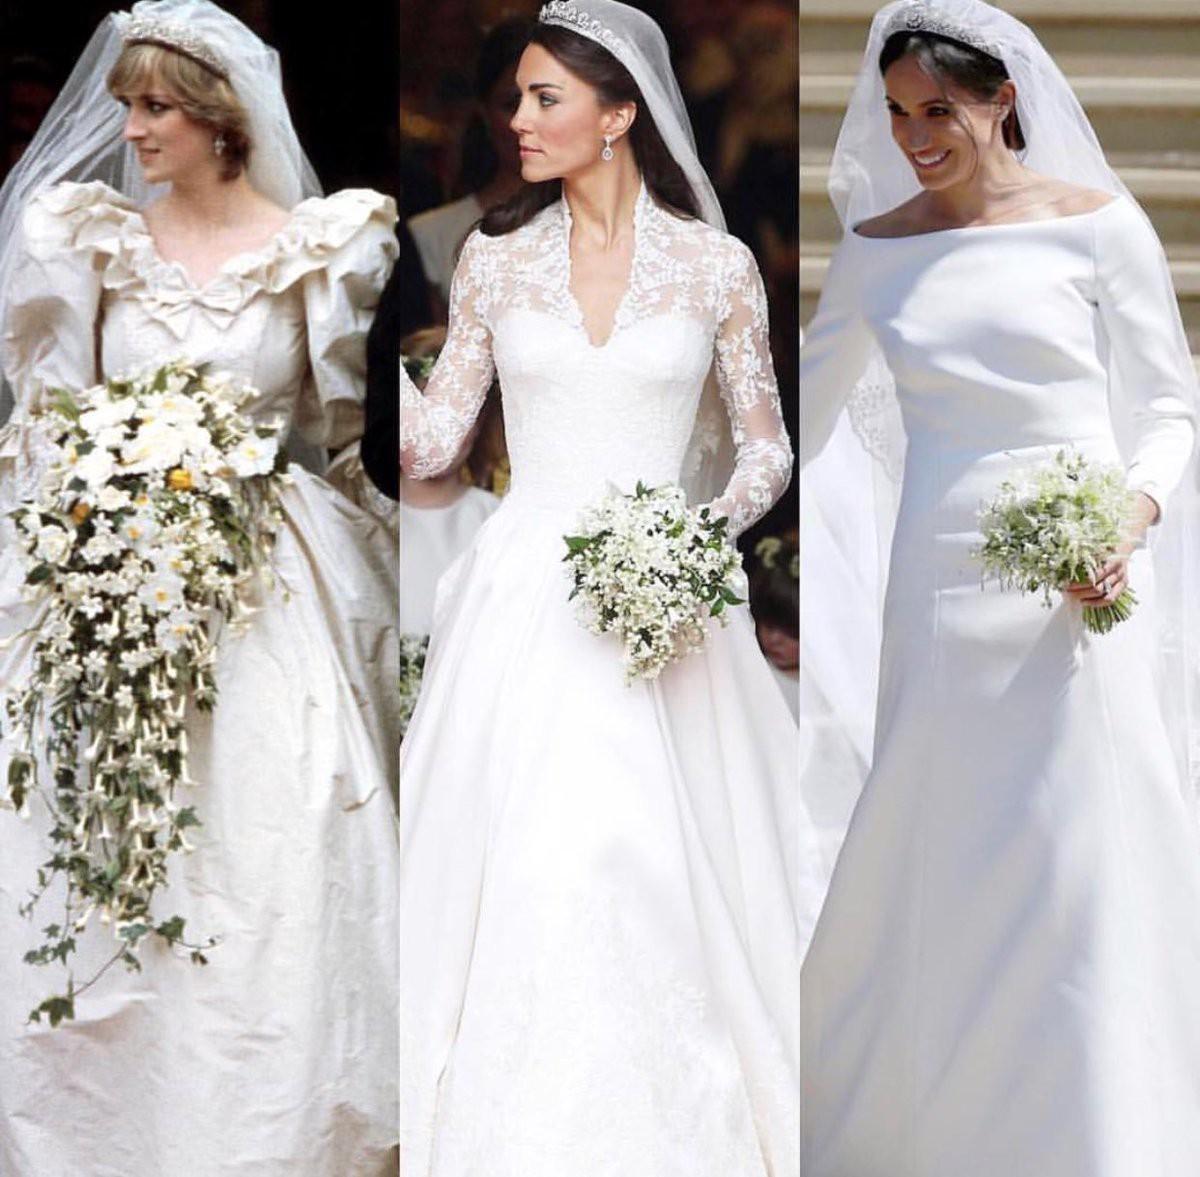 3 chiếc váy cưới nổi tiếng của Công nương Diana và hai cô con dâu xinh đẹp - Ảnh 2.